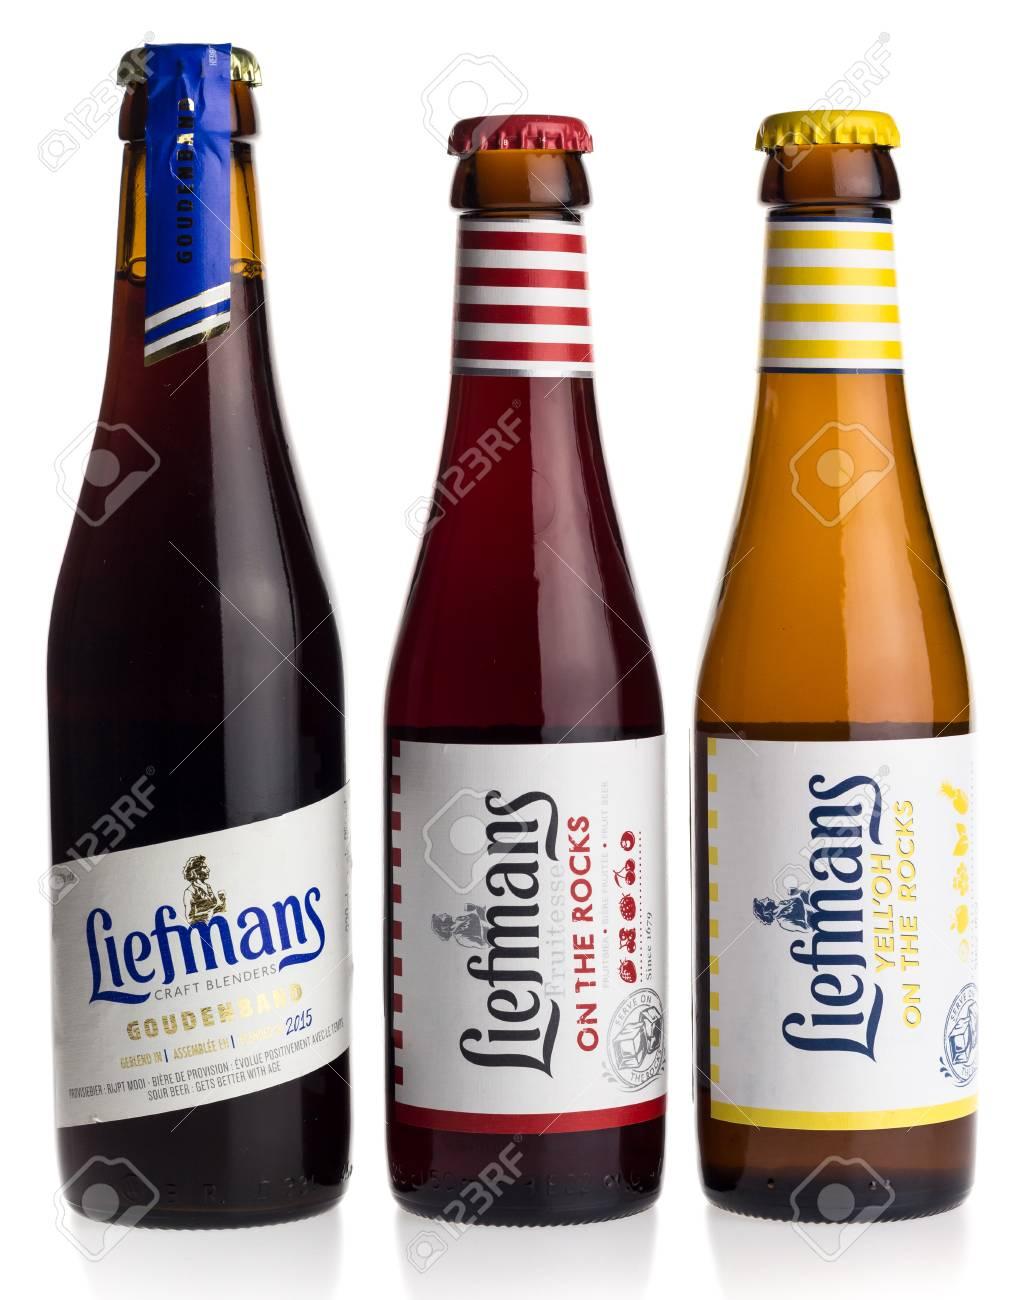 Liefmans Belgium Beer Crate